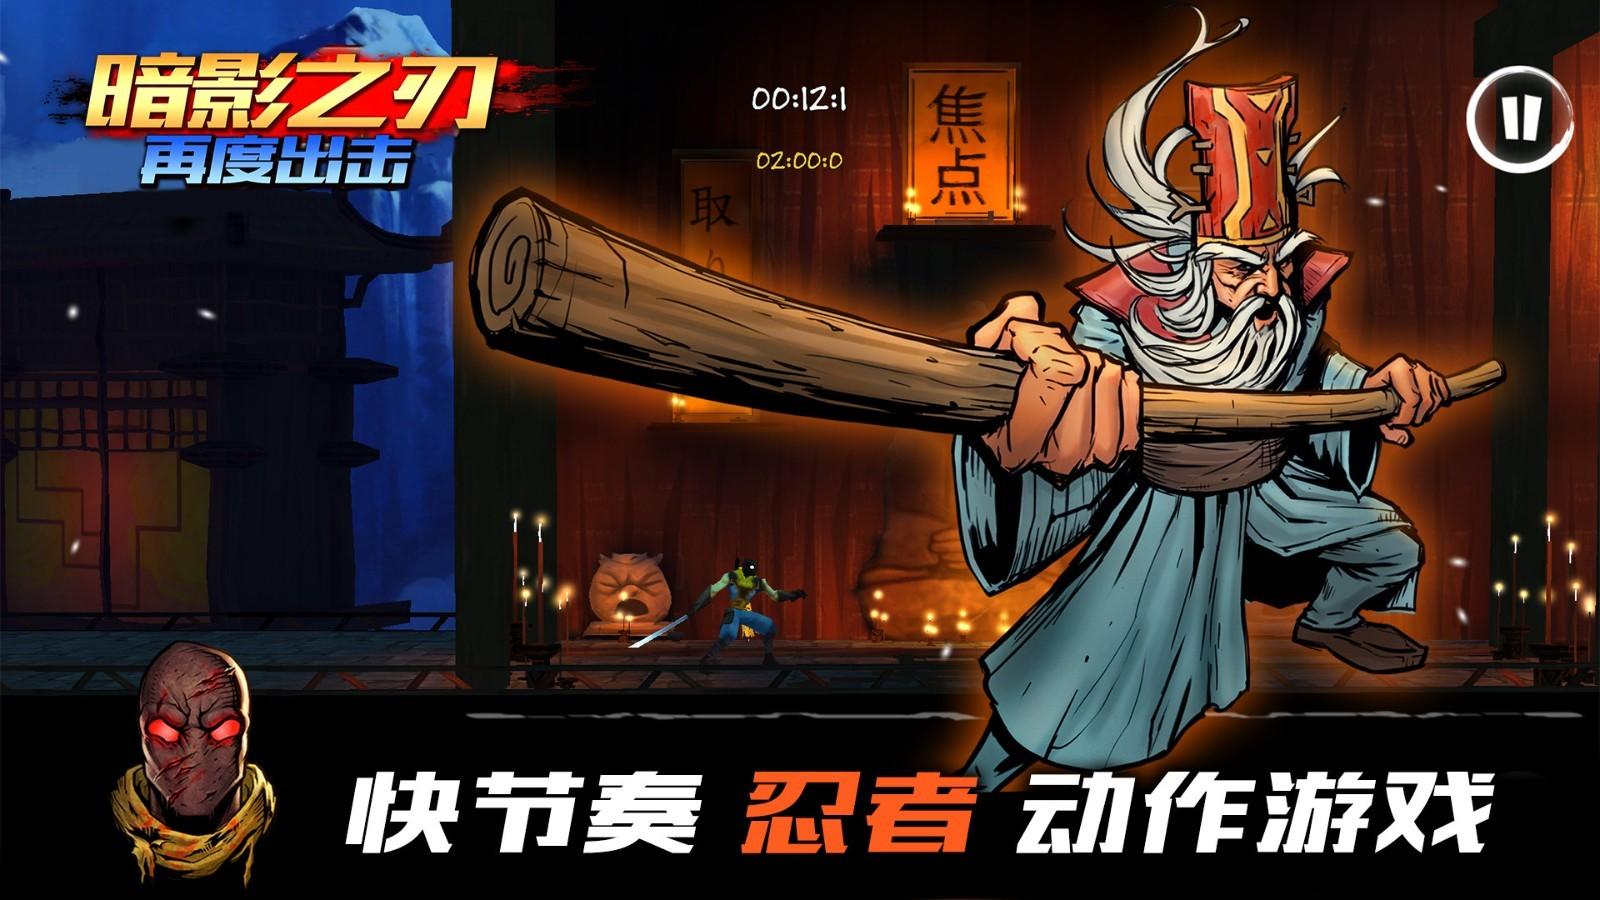 暗影之刃再度出击中文安卓版截图2